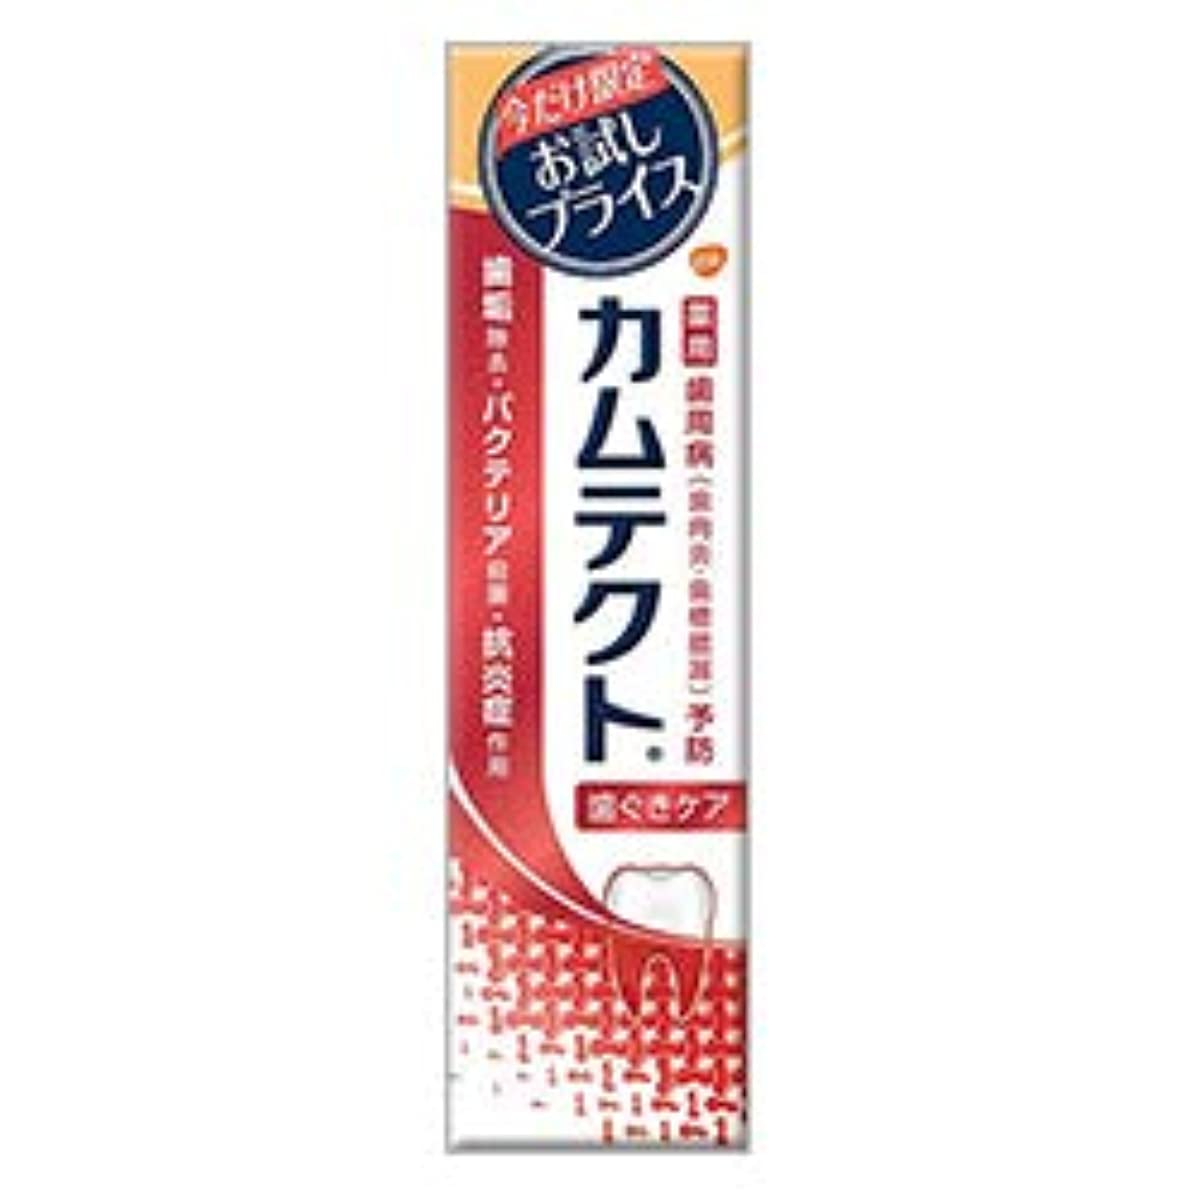 はず酔って不忠【アース製薬】カムテクト 歯ぐきケア 限定お試し版 105g [医薬部外品] ×3個セット